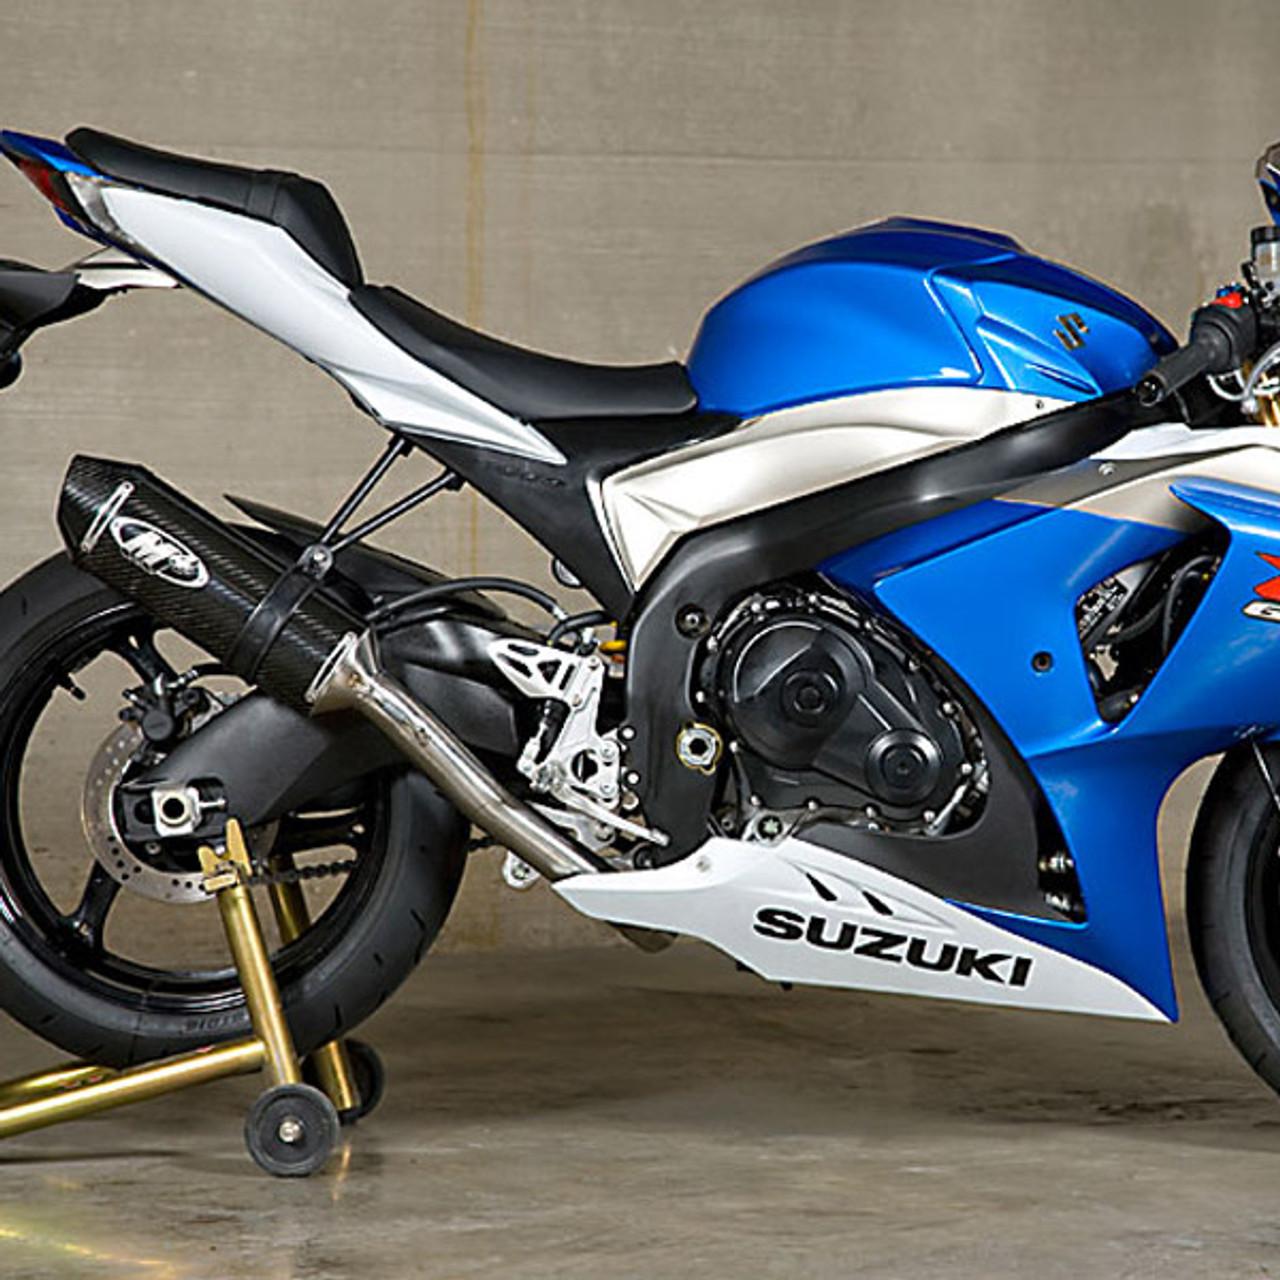 m4 suzuki gsx r1000 09 11 standard mount full exhaust system